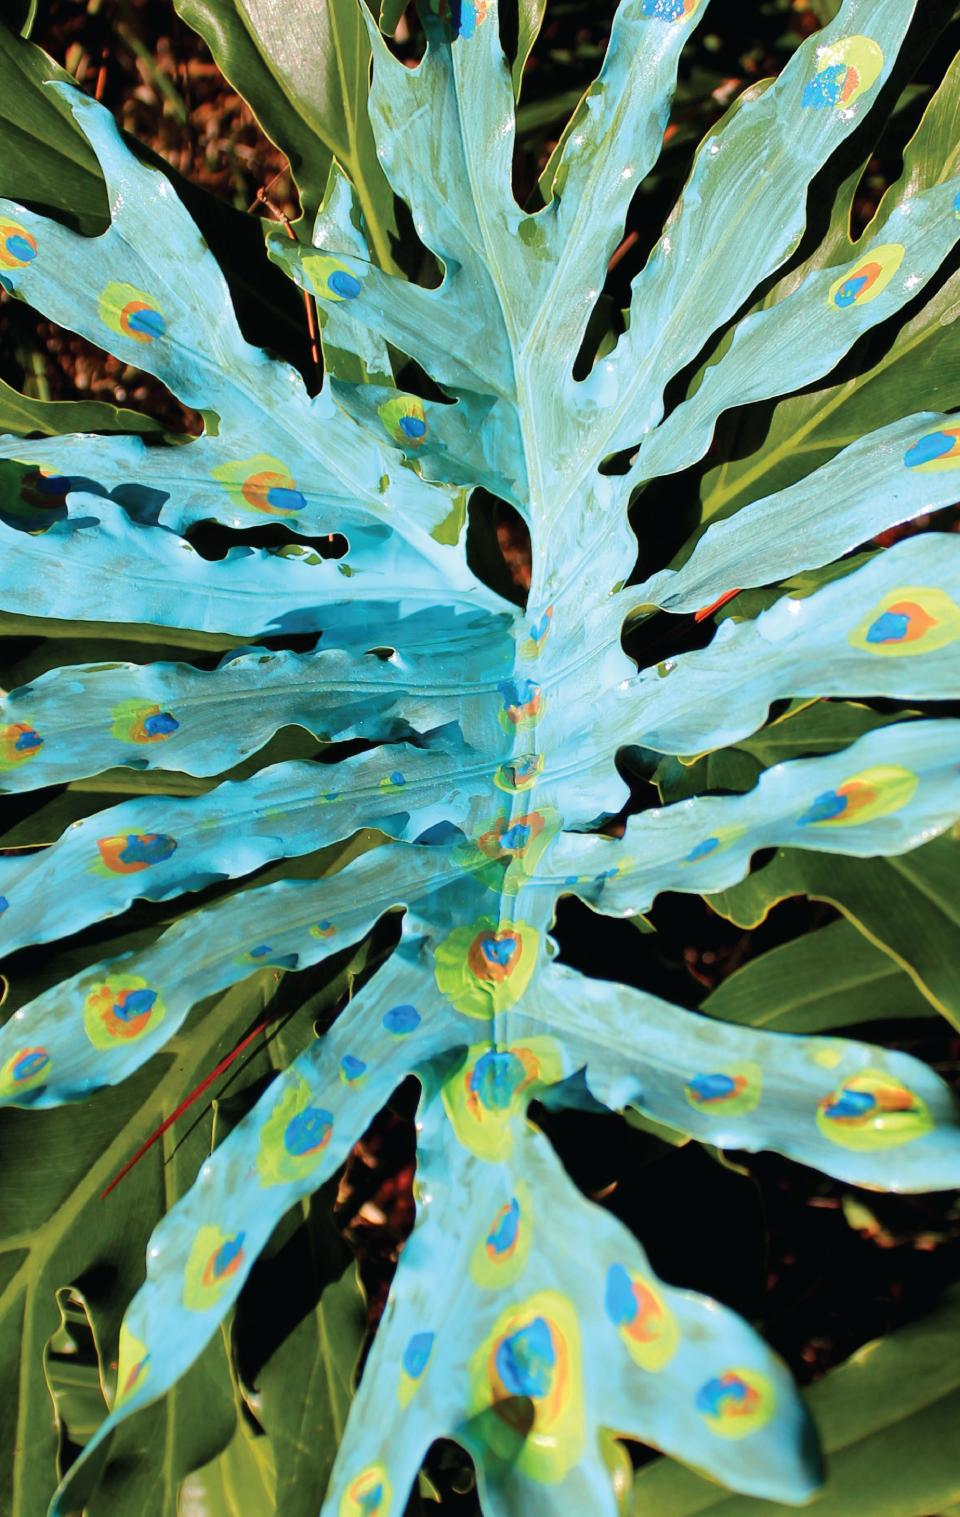 diane_thompson_cortese-peacock_garden